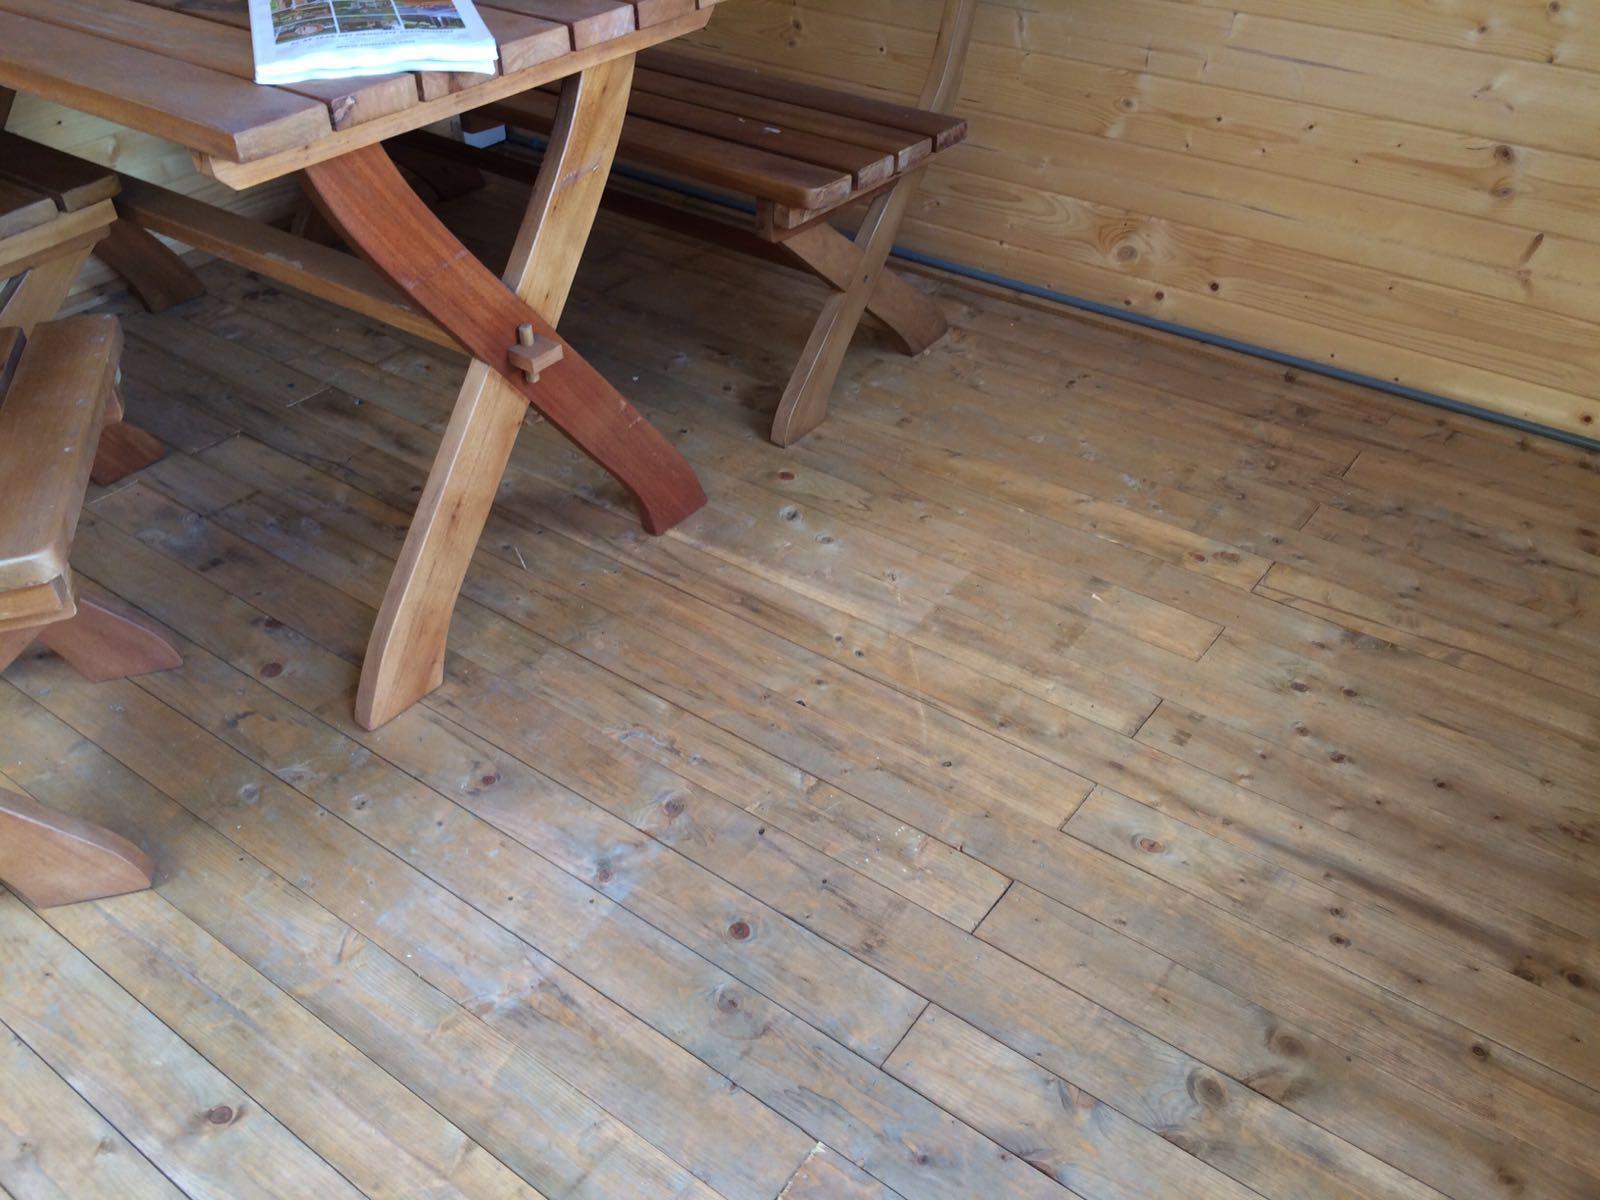 Houten Vloer Vuren : Blokhutvloer vuren hout cm dikte tuinhuis vloer planken